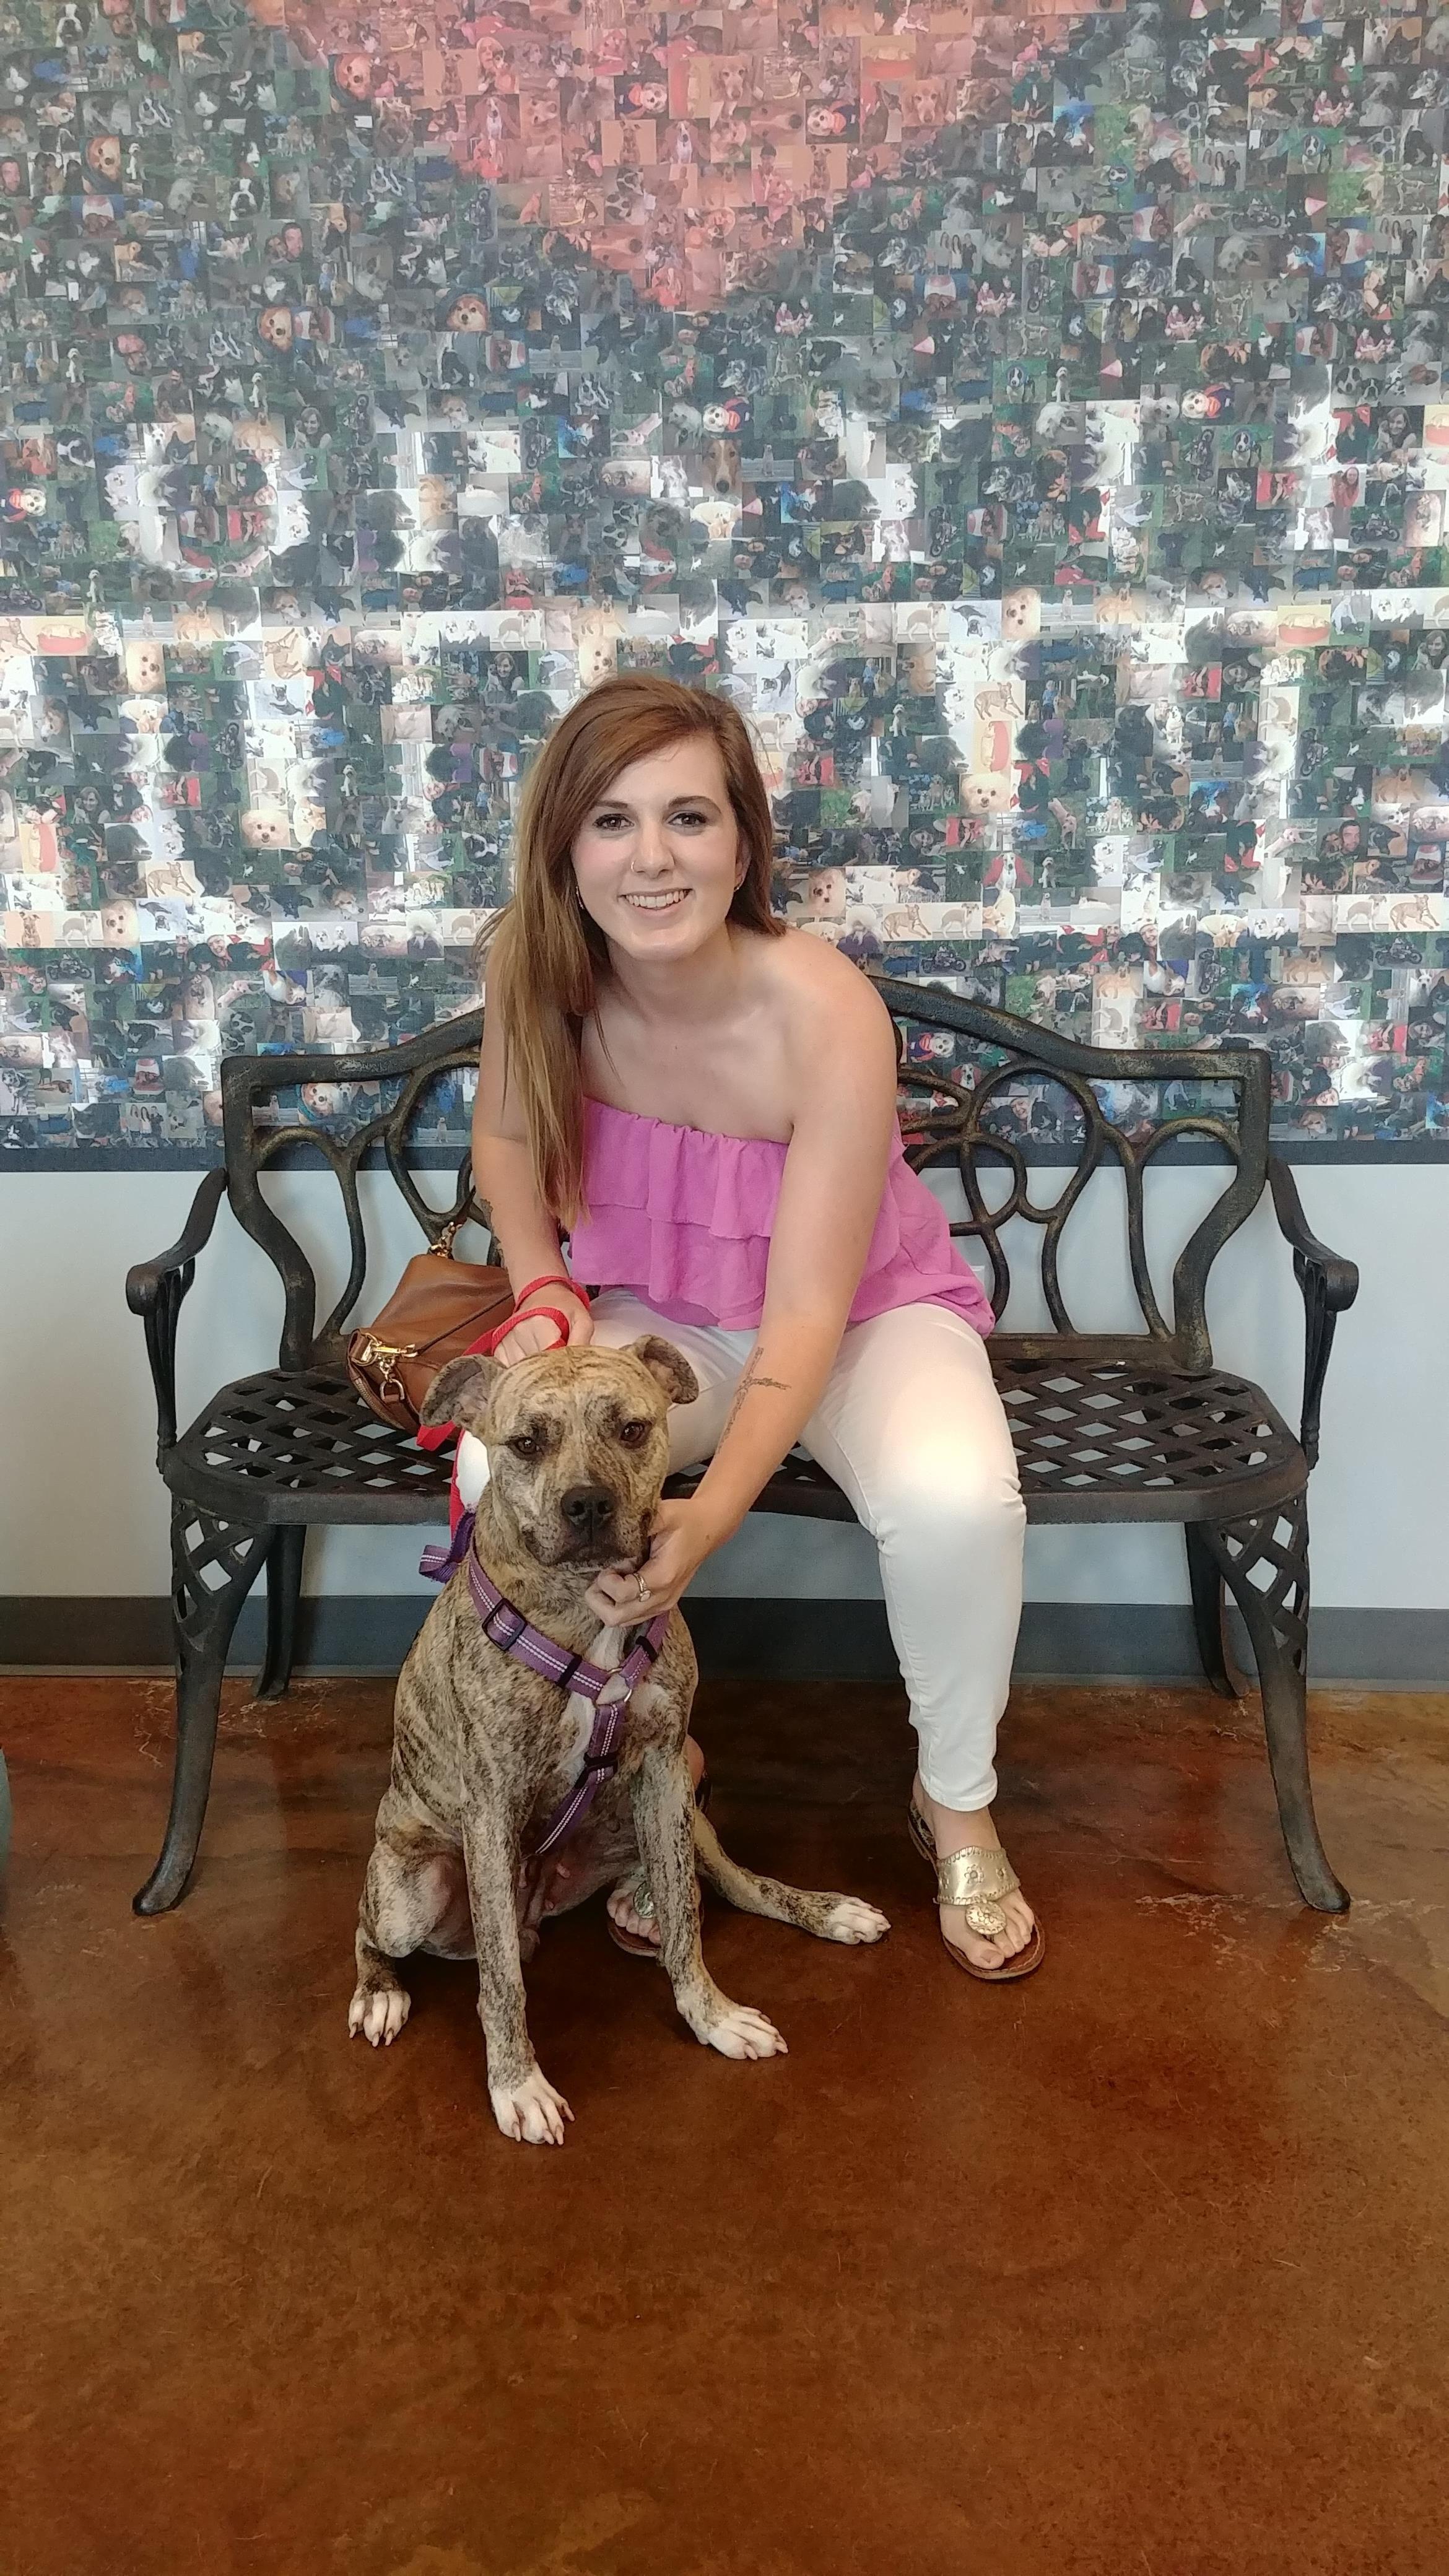 Aphrodite was adopted cat adoption pet adoption dog